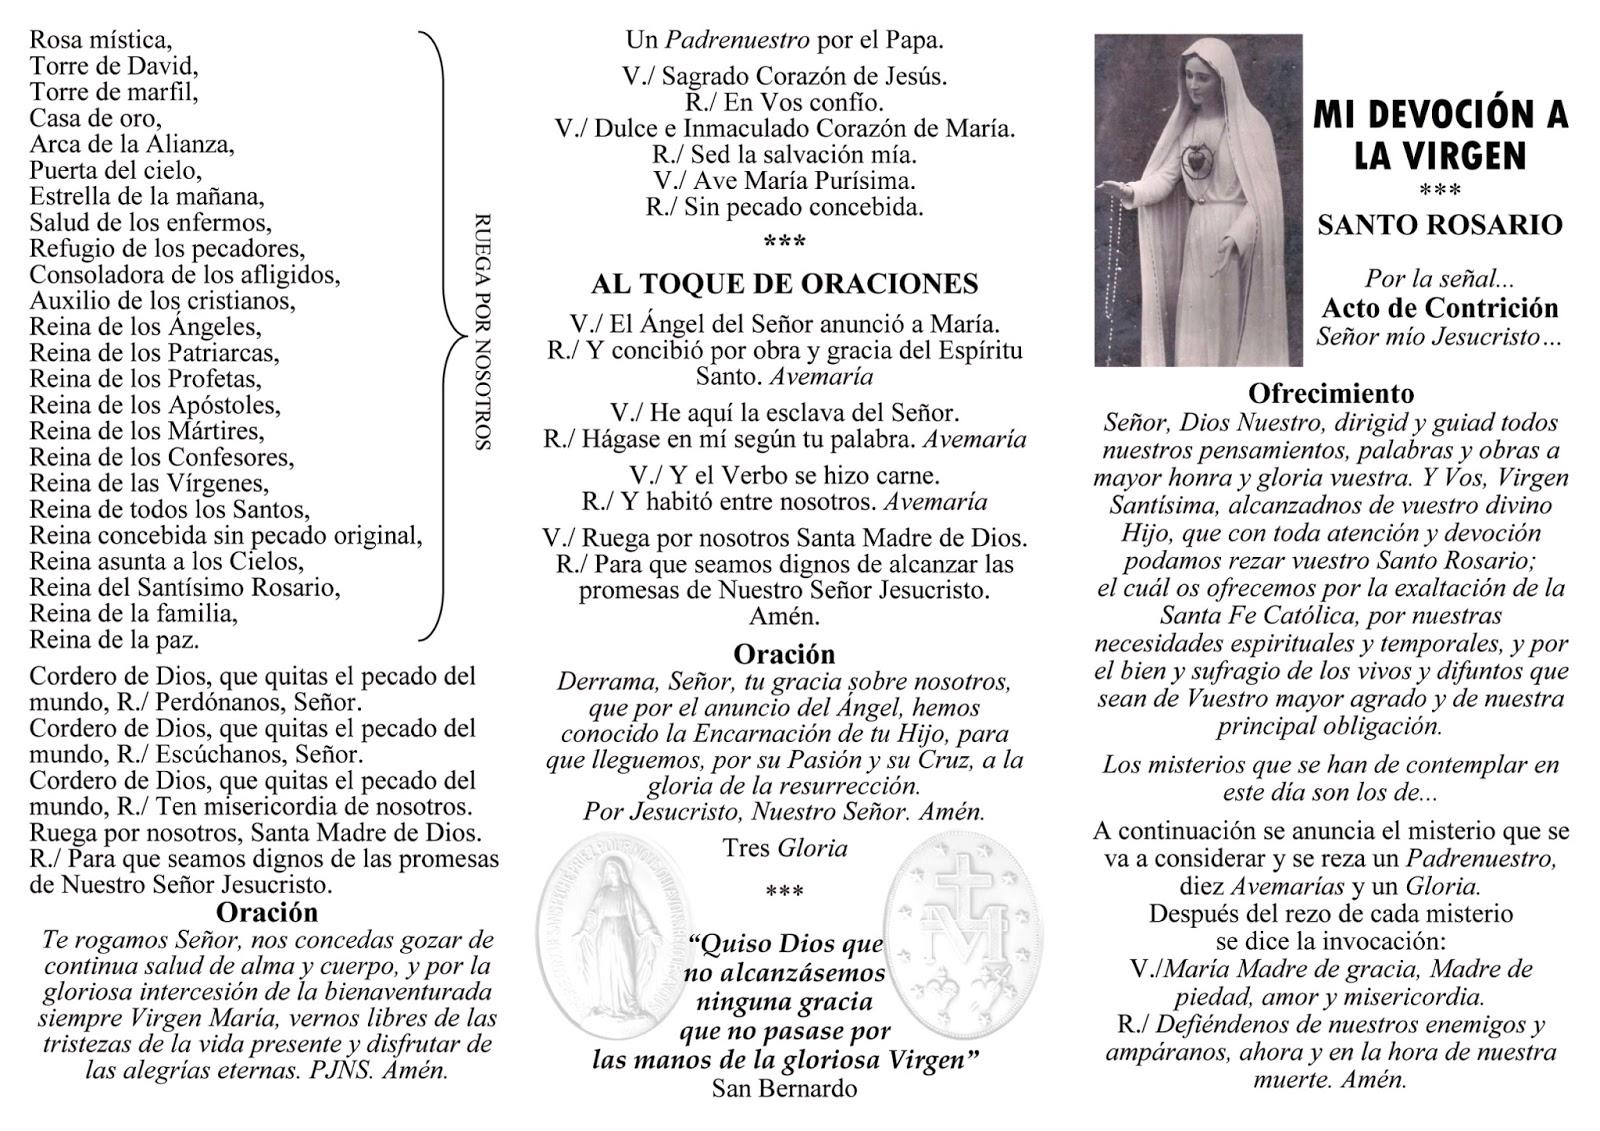 Doctrina Católica Folleto Para Rezar El Rosario Avemaria Popular Cantada En Honor A La Virgen Y Medios Para Difundir El Santo Rosario